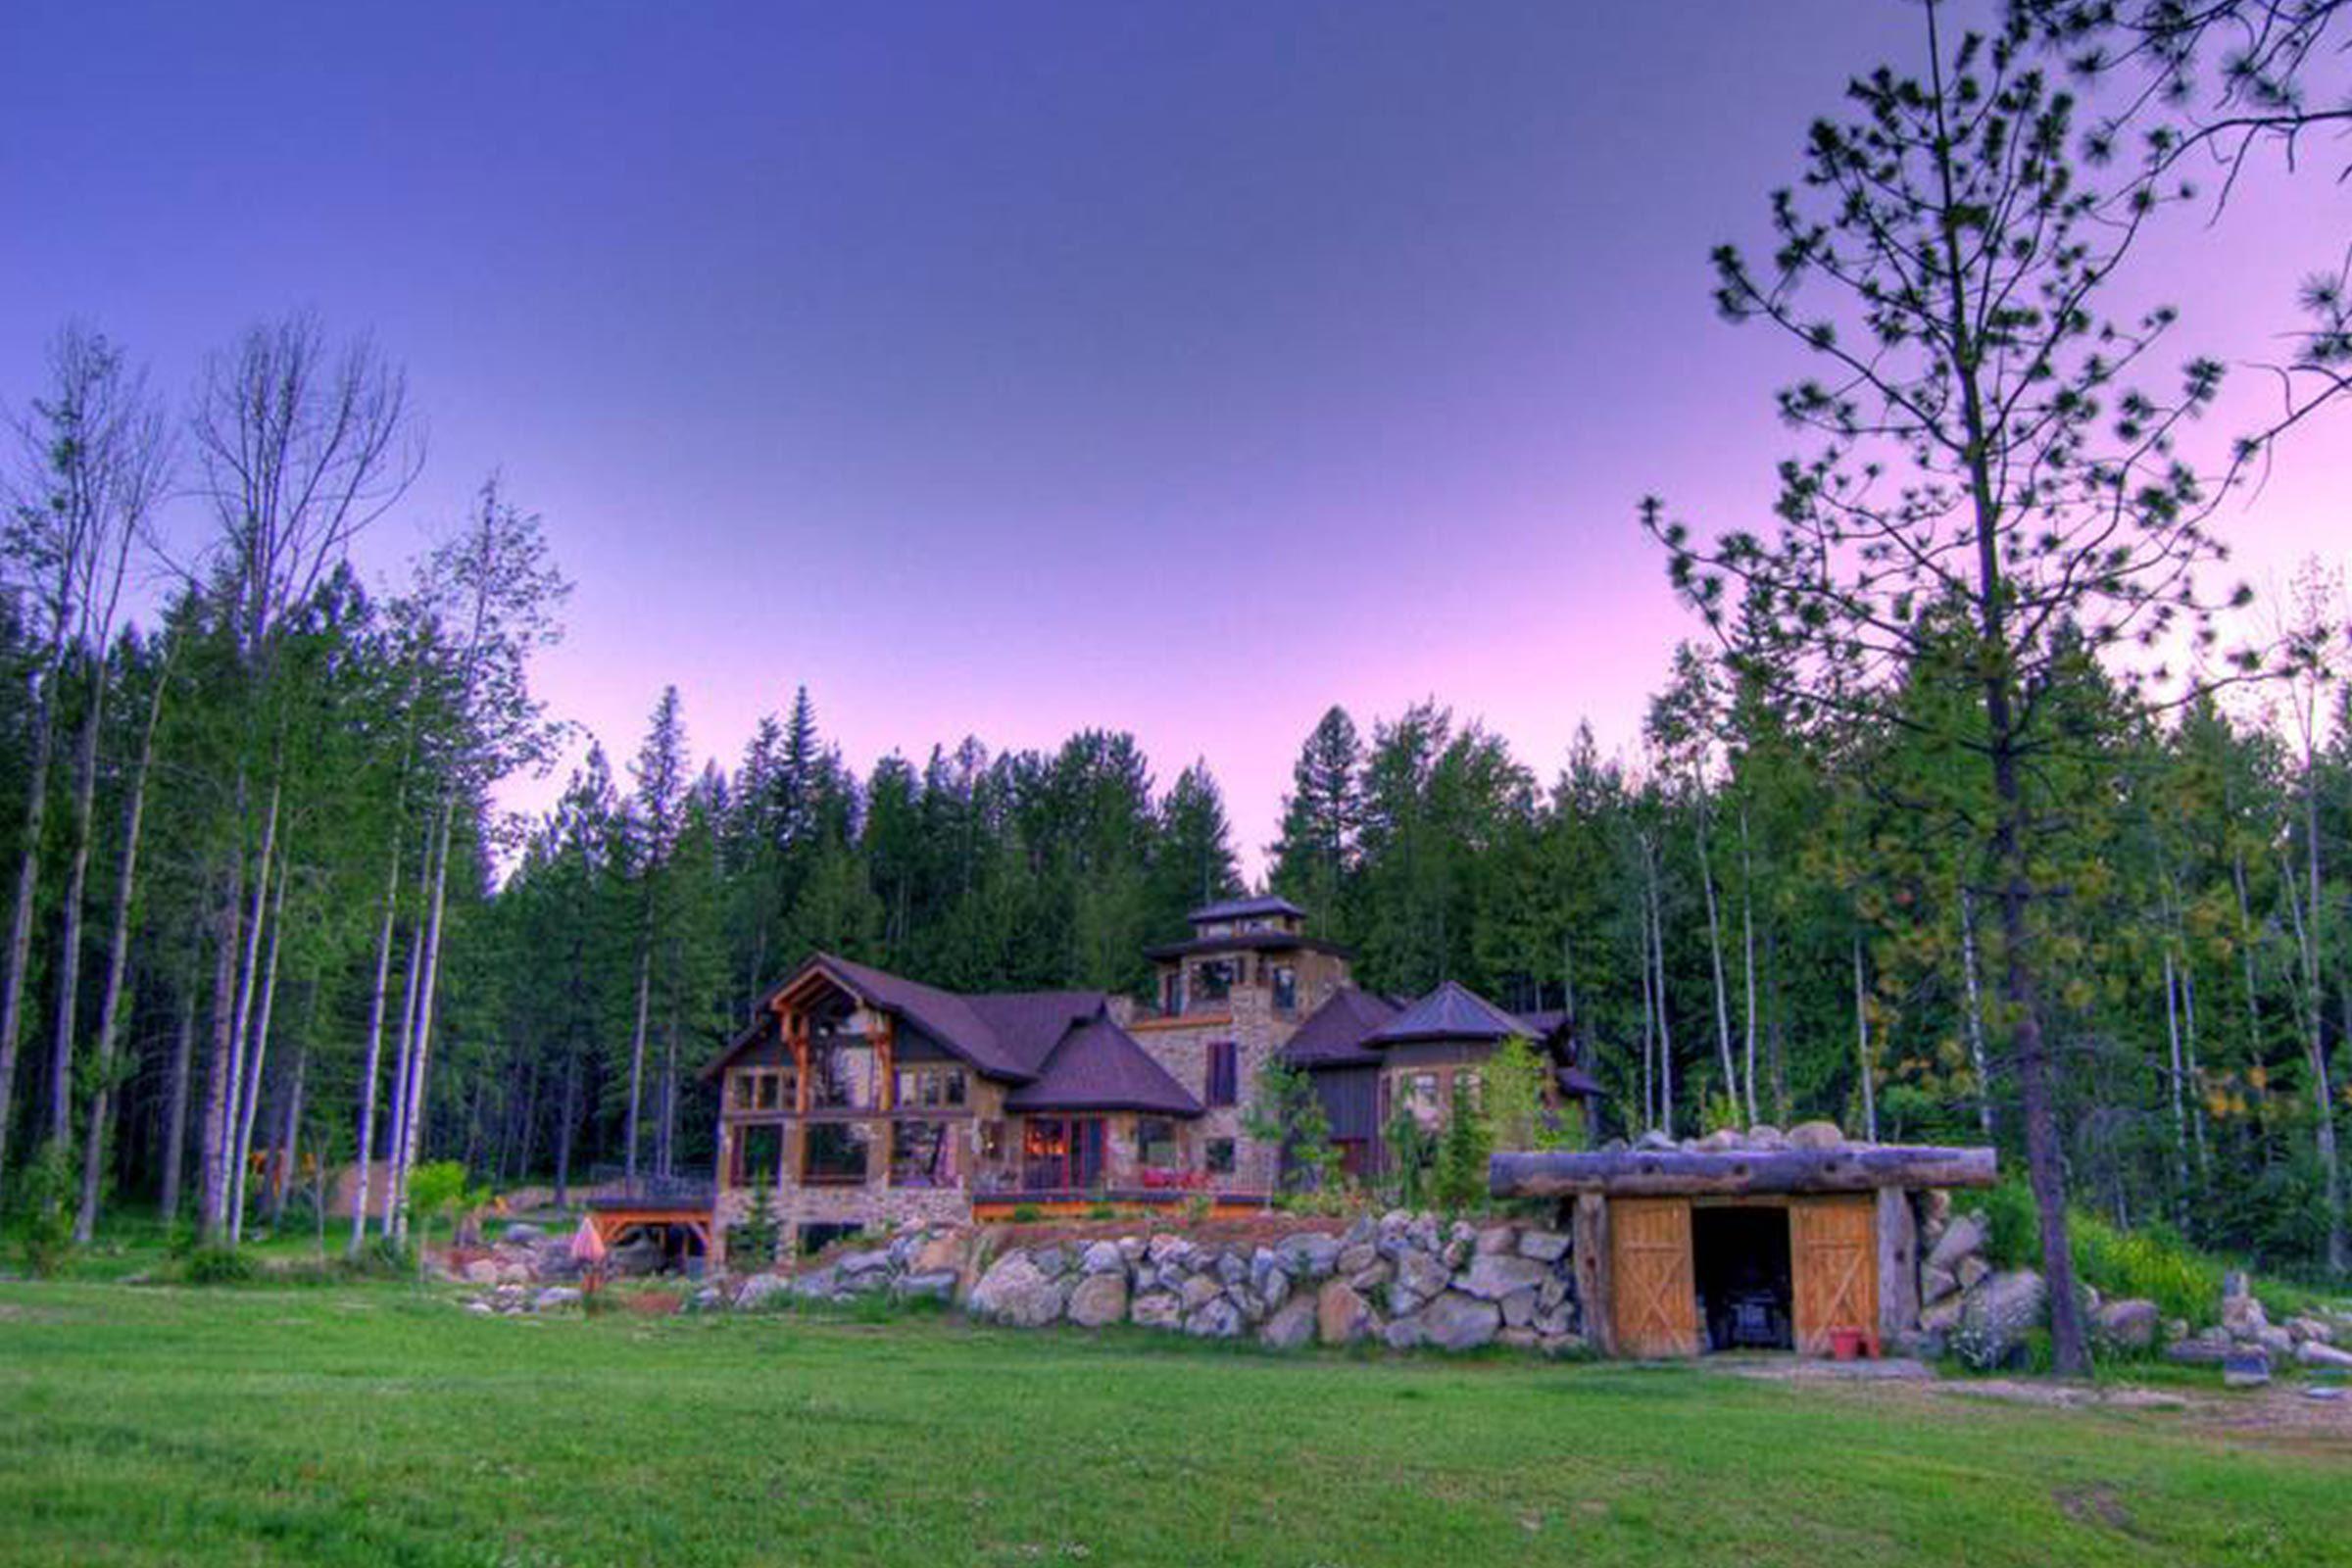 Idaho airbnb